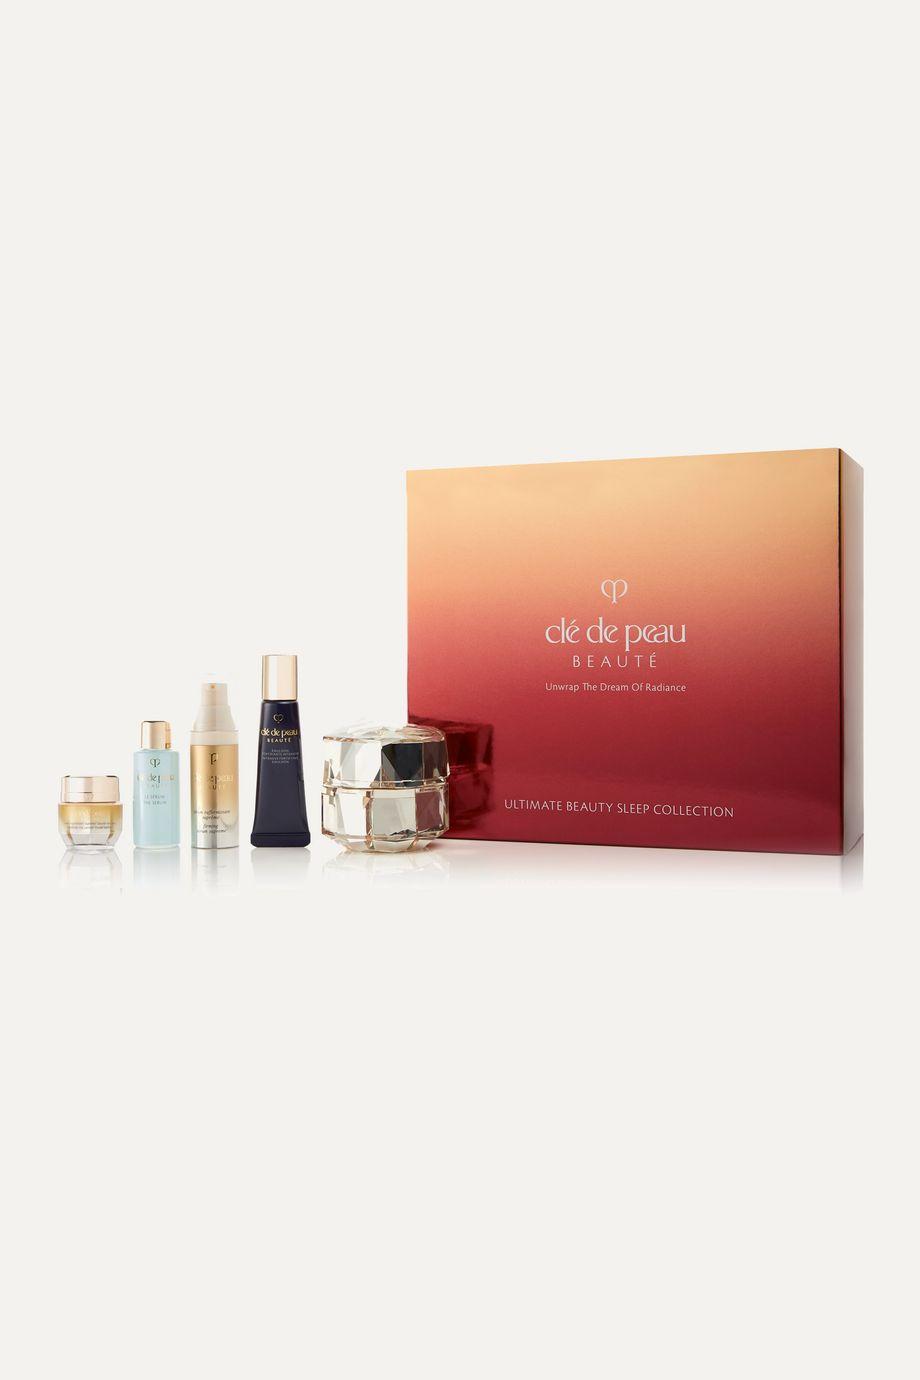 Clé de Peau Beauté Ultimate Beauty Sleep Collection